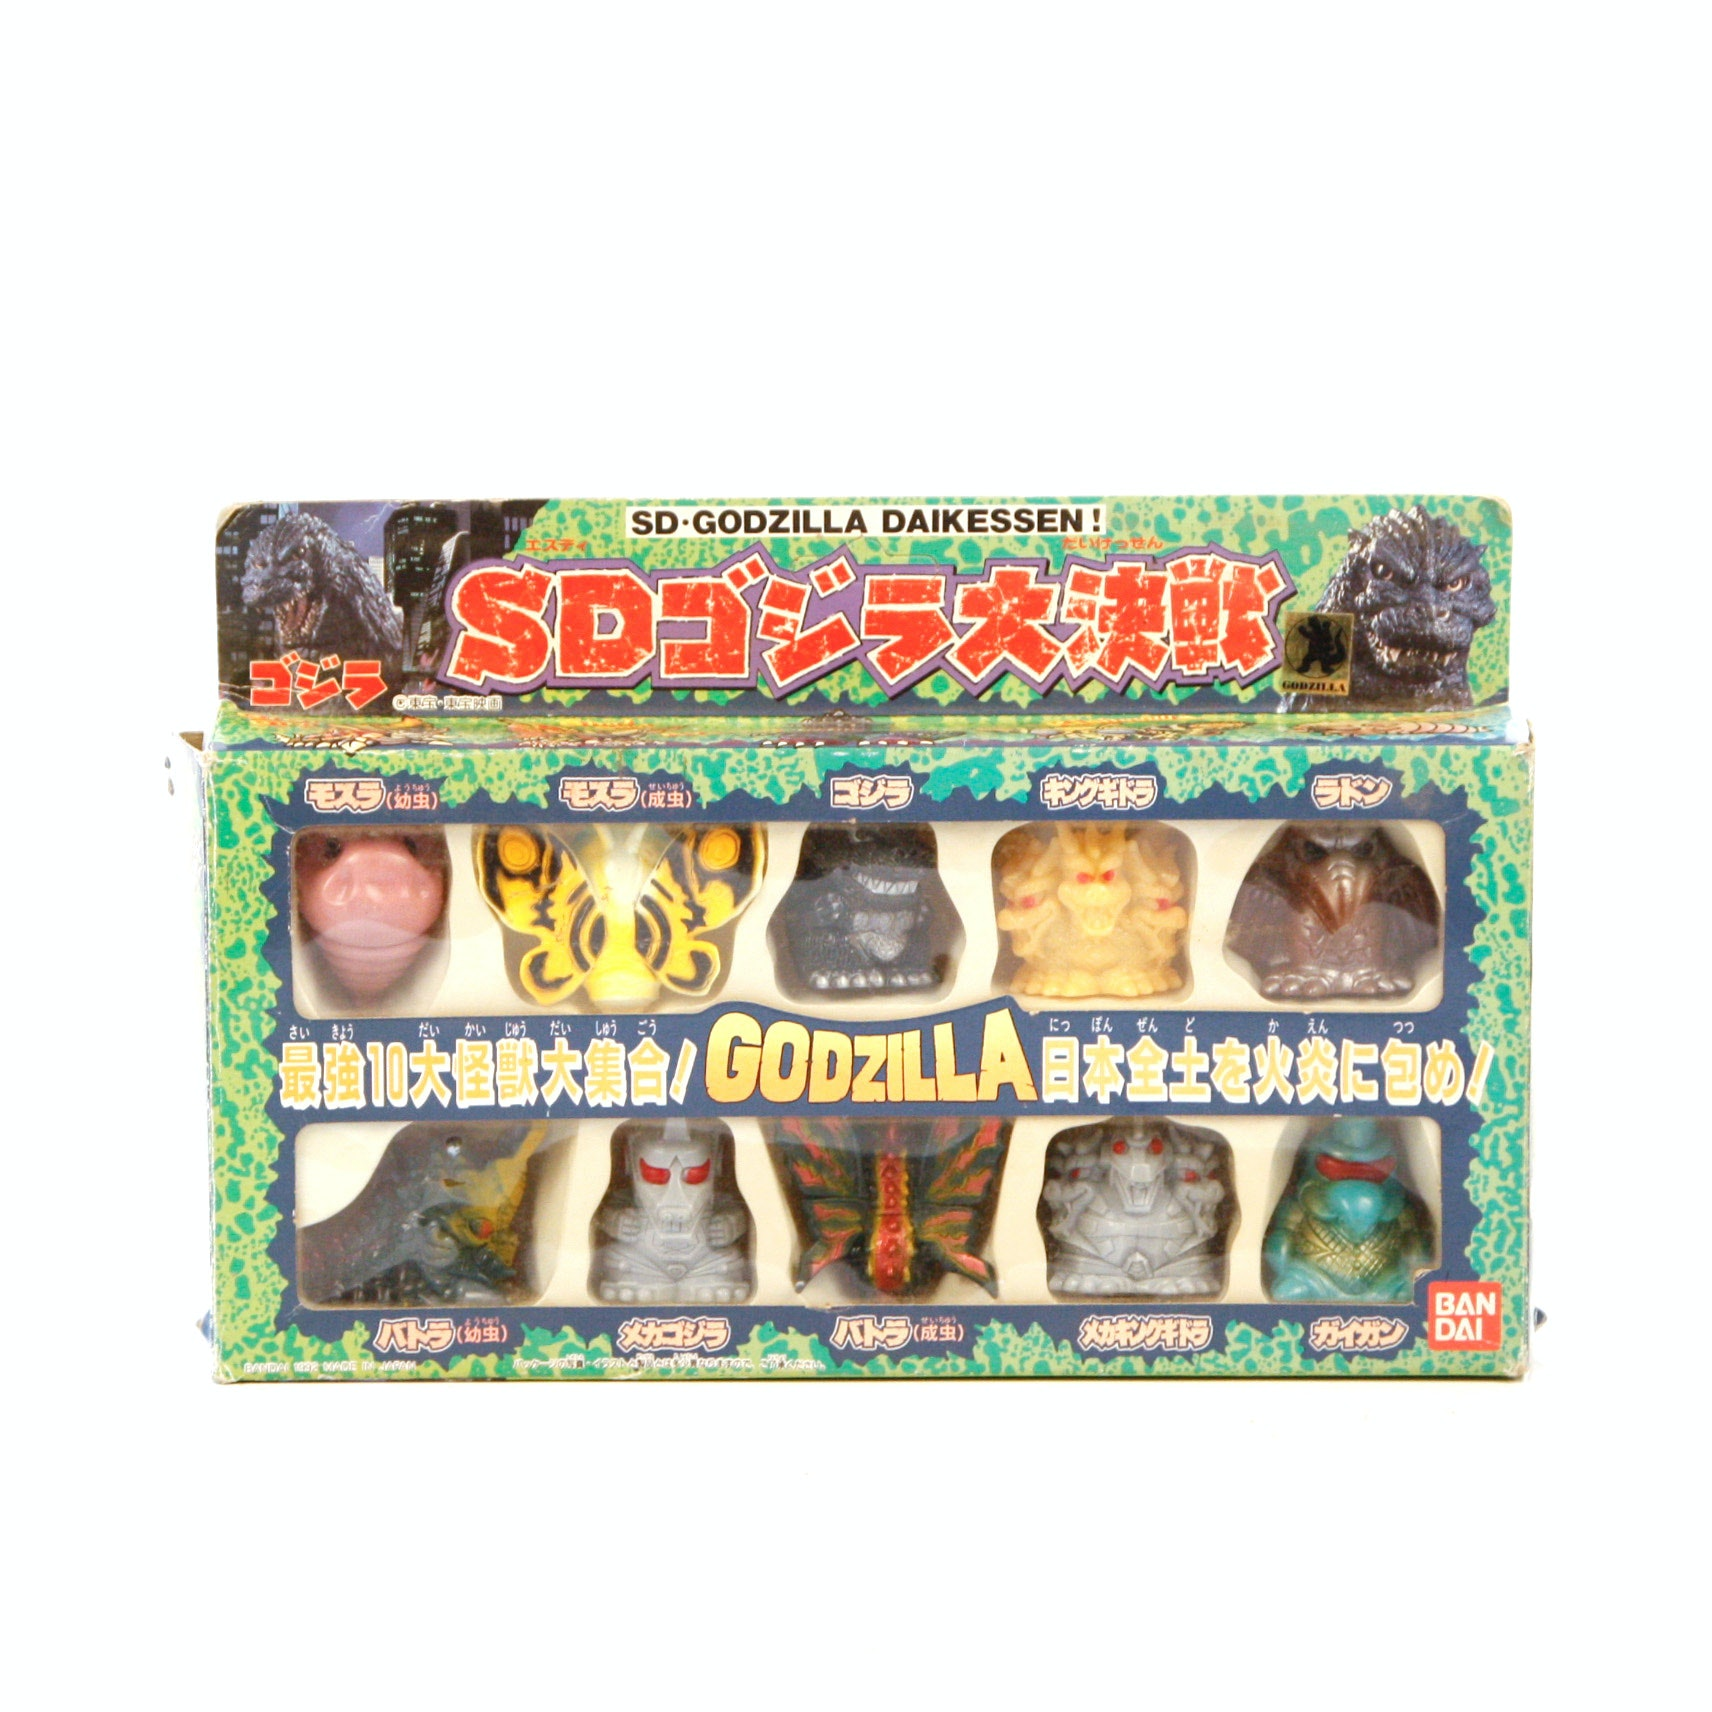 Vintage Unused in Packaging SD Godzilla Daikessen Action Figure Set